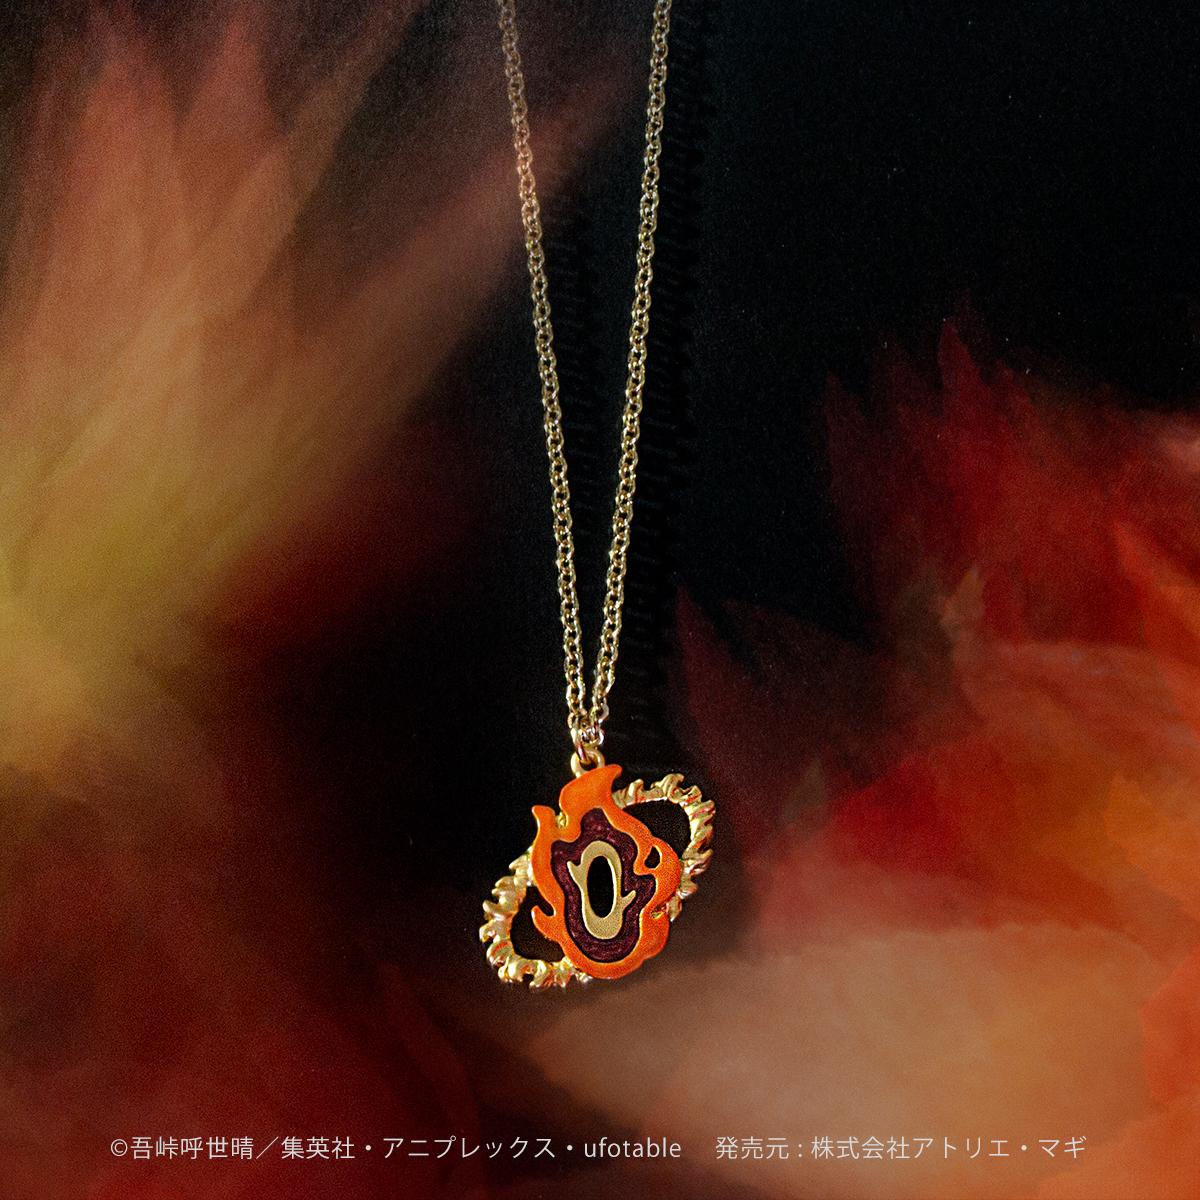 煉獄杏寿郎 ネックレス【鬼滅の刃】※煉獄の「煉」は「火+東」が正しい表記となります。